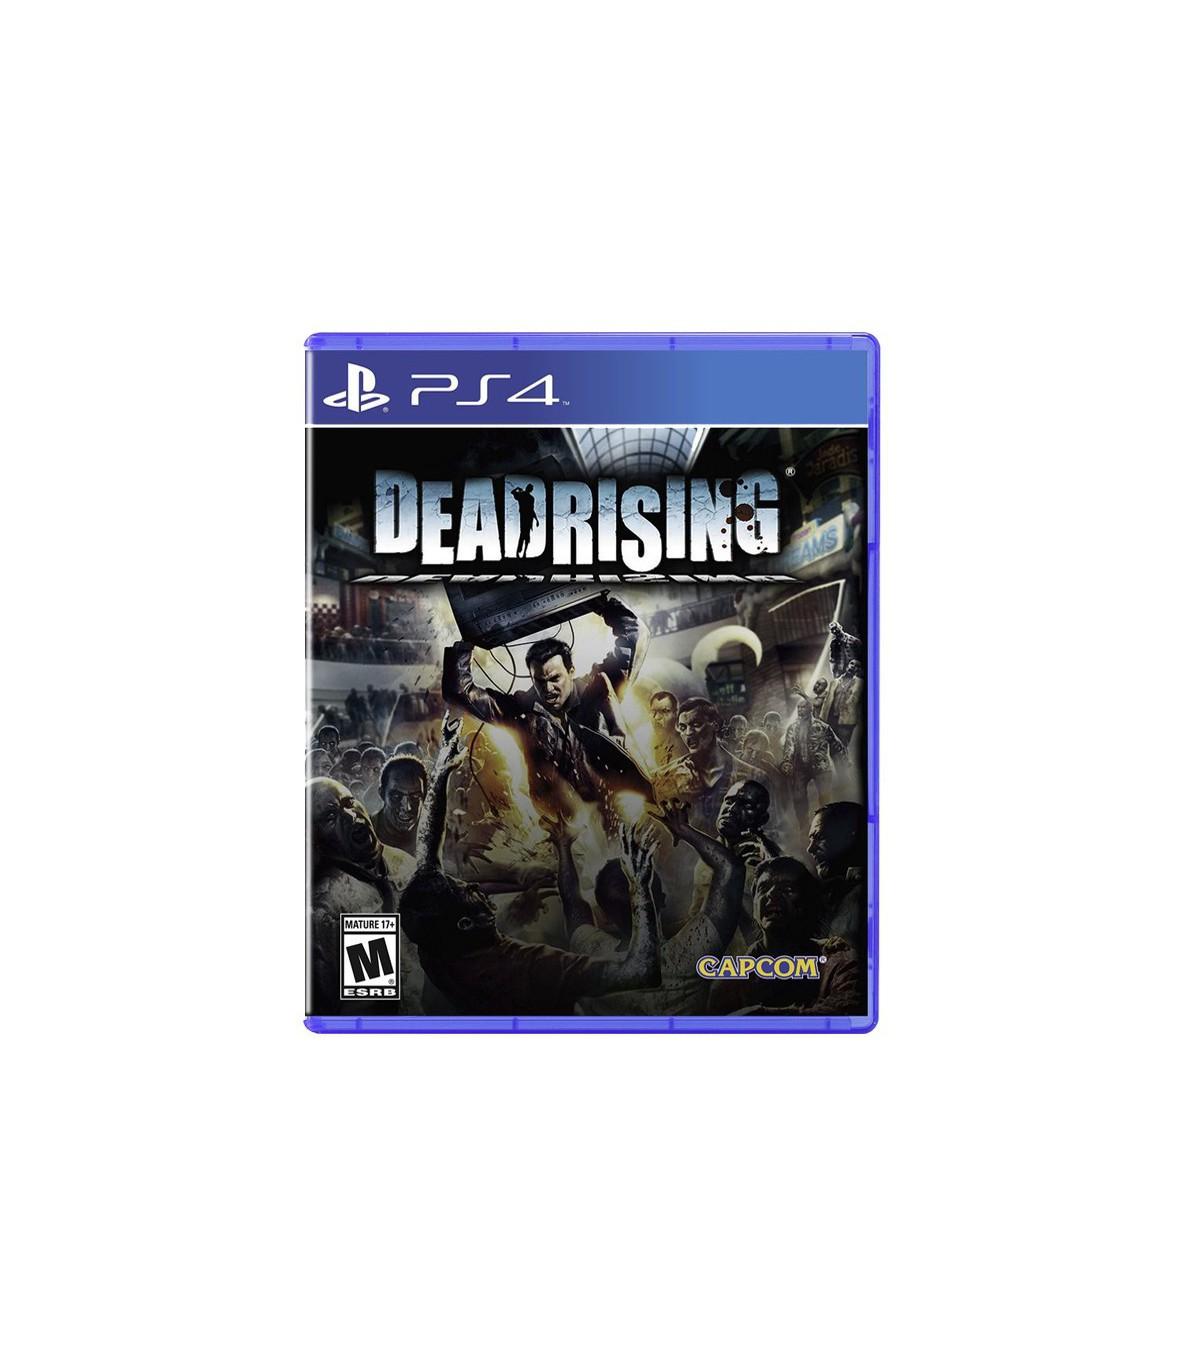 بازی Dead Rising کارکرده - پلی استیشن ۴